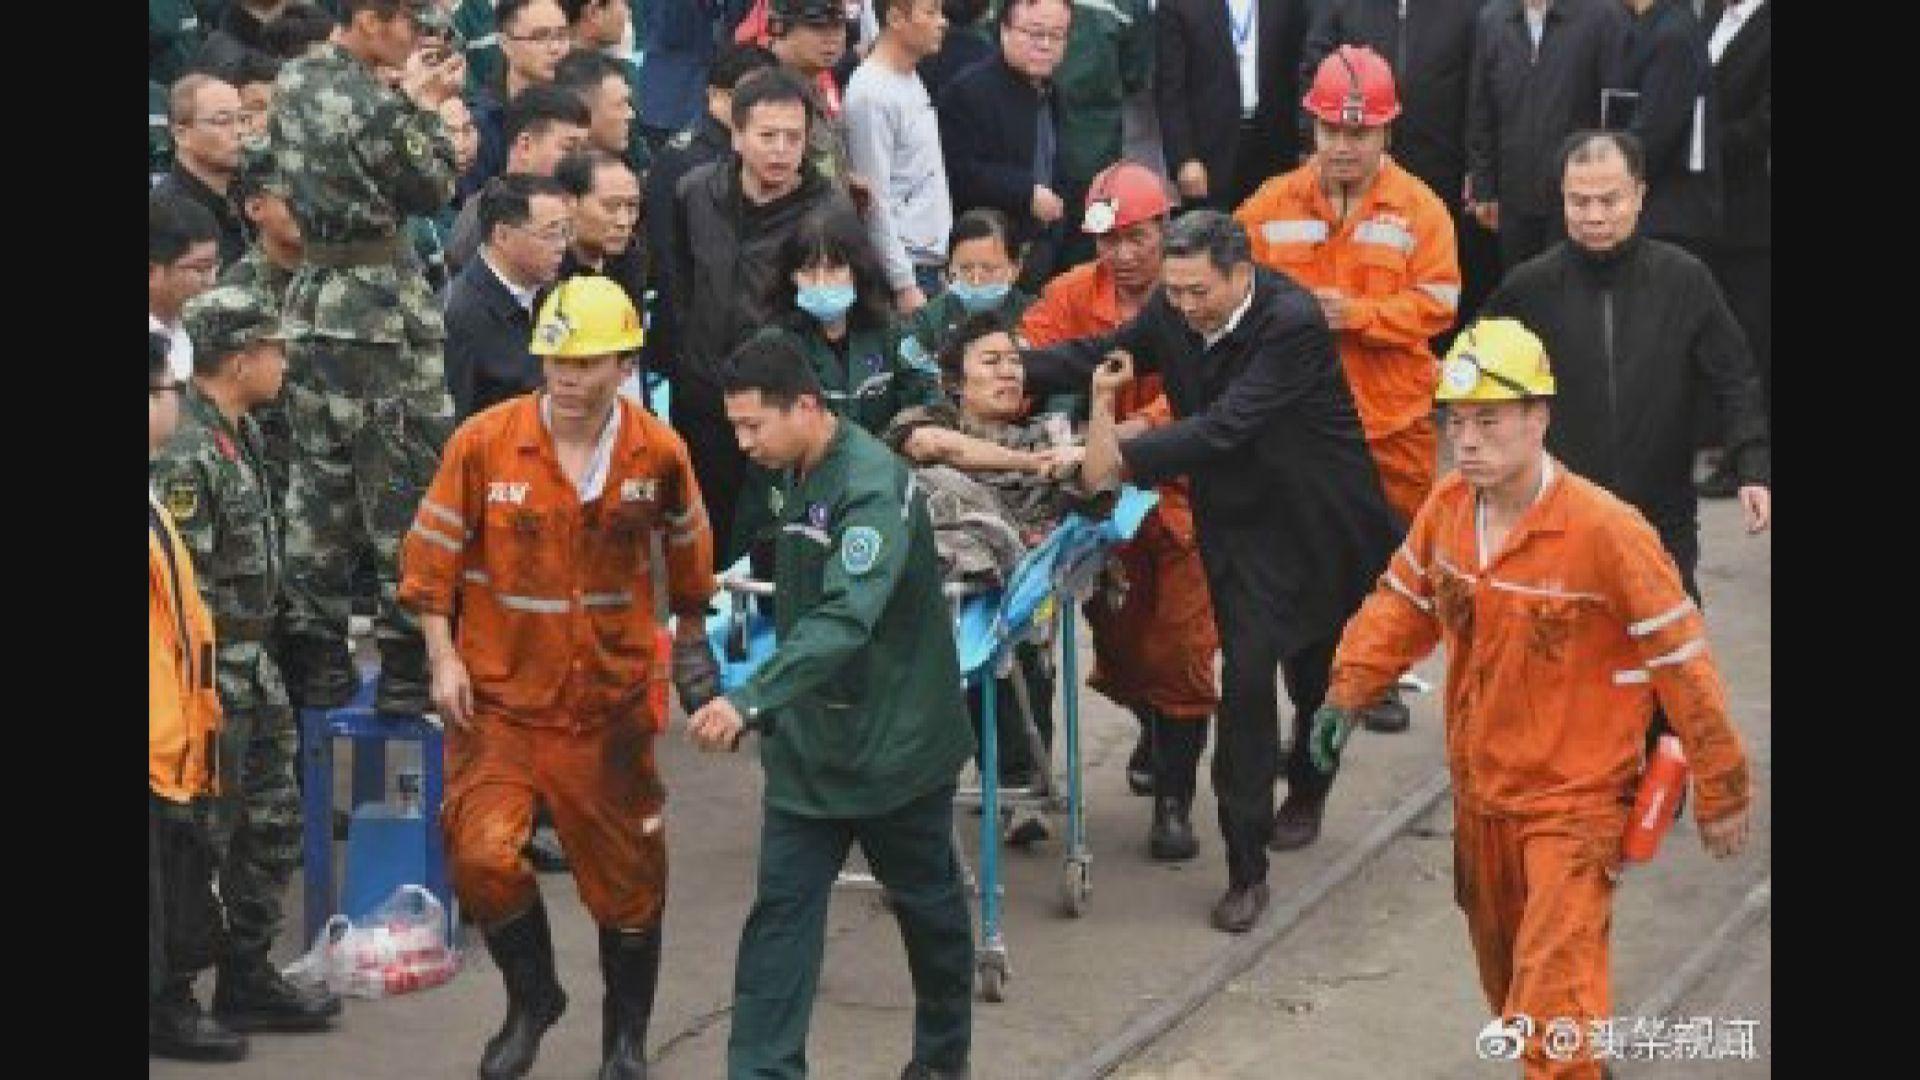 山東煤礦發生衝擊地壓事故至少兩死